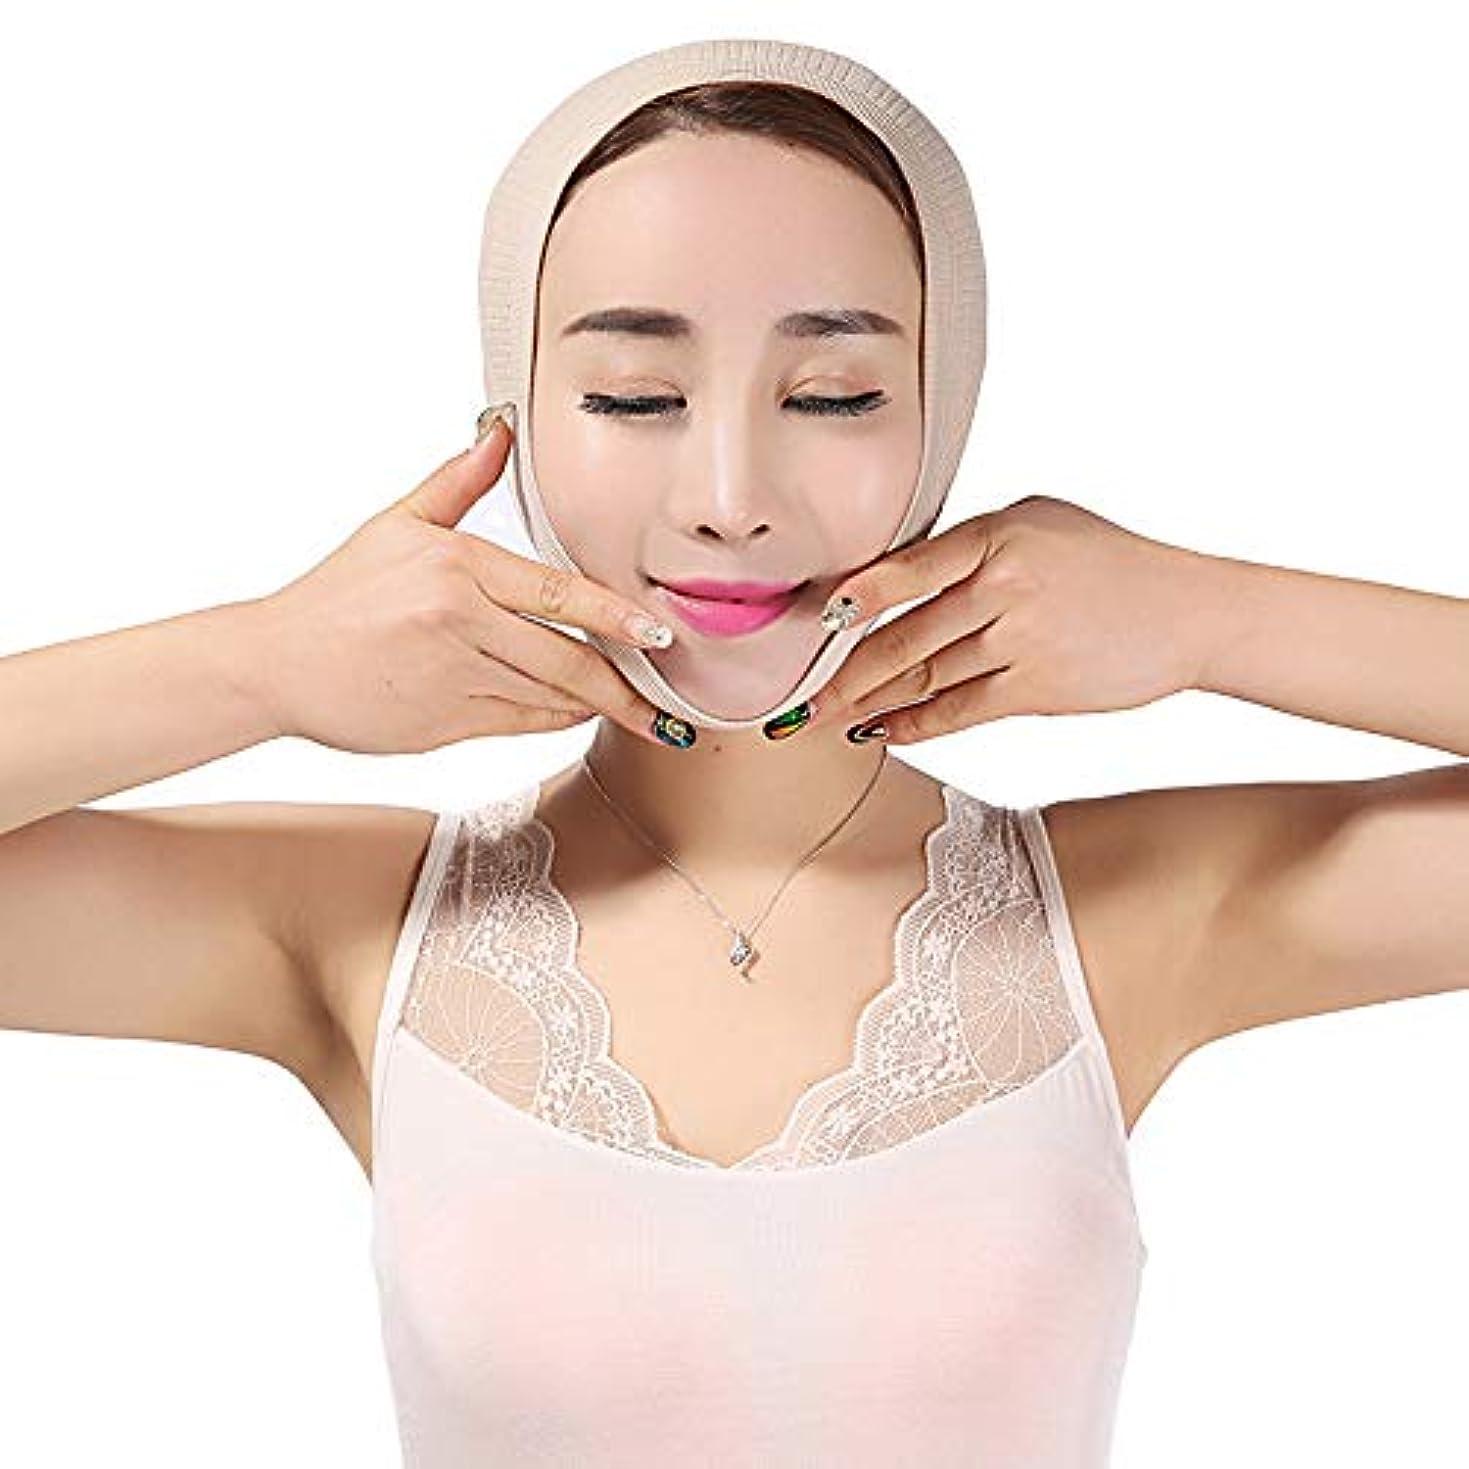 概念フロンティア引退する薄い顔ベルト、Vフェイス包帯通気性軽量ストレッチは、顔の皮膚の昇降ファーミング防止フェイシャル?ルーピングダブルチンリデューサースリープアーティファクトマスク (Color : A)